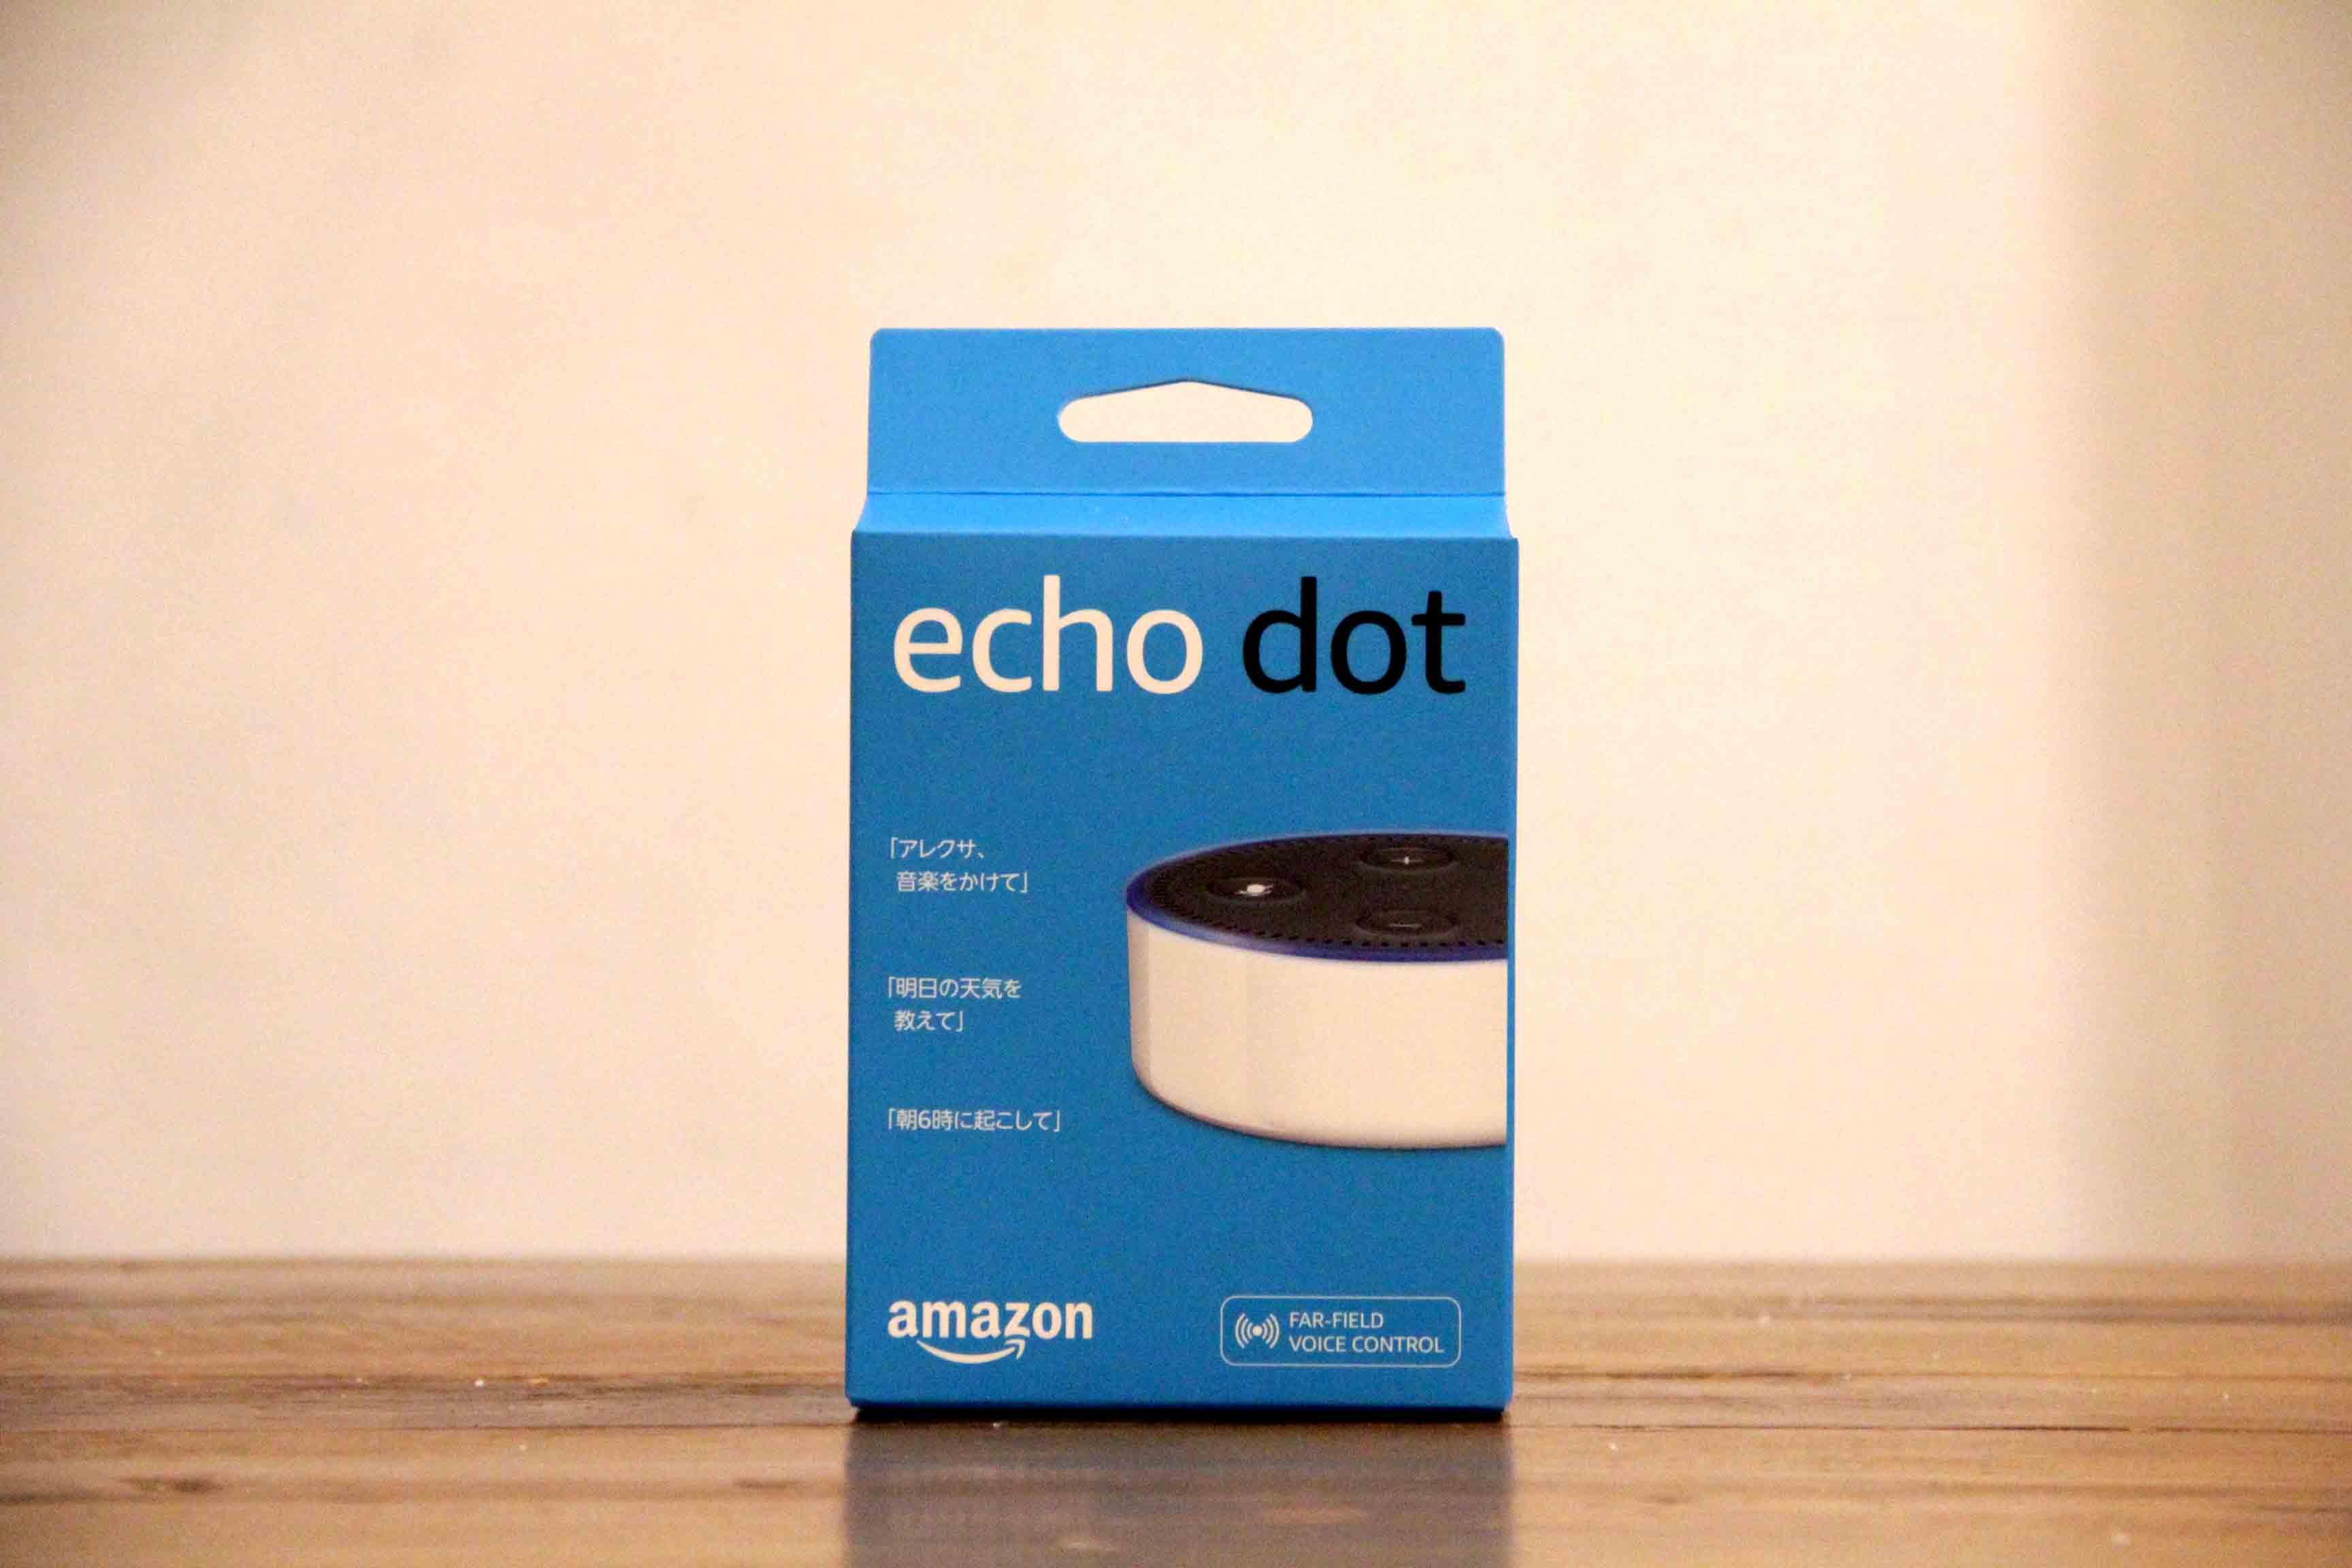 AmazonEchoDotの表のパッケージの画像